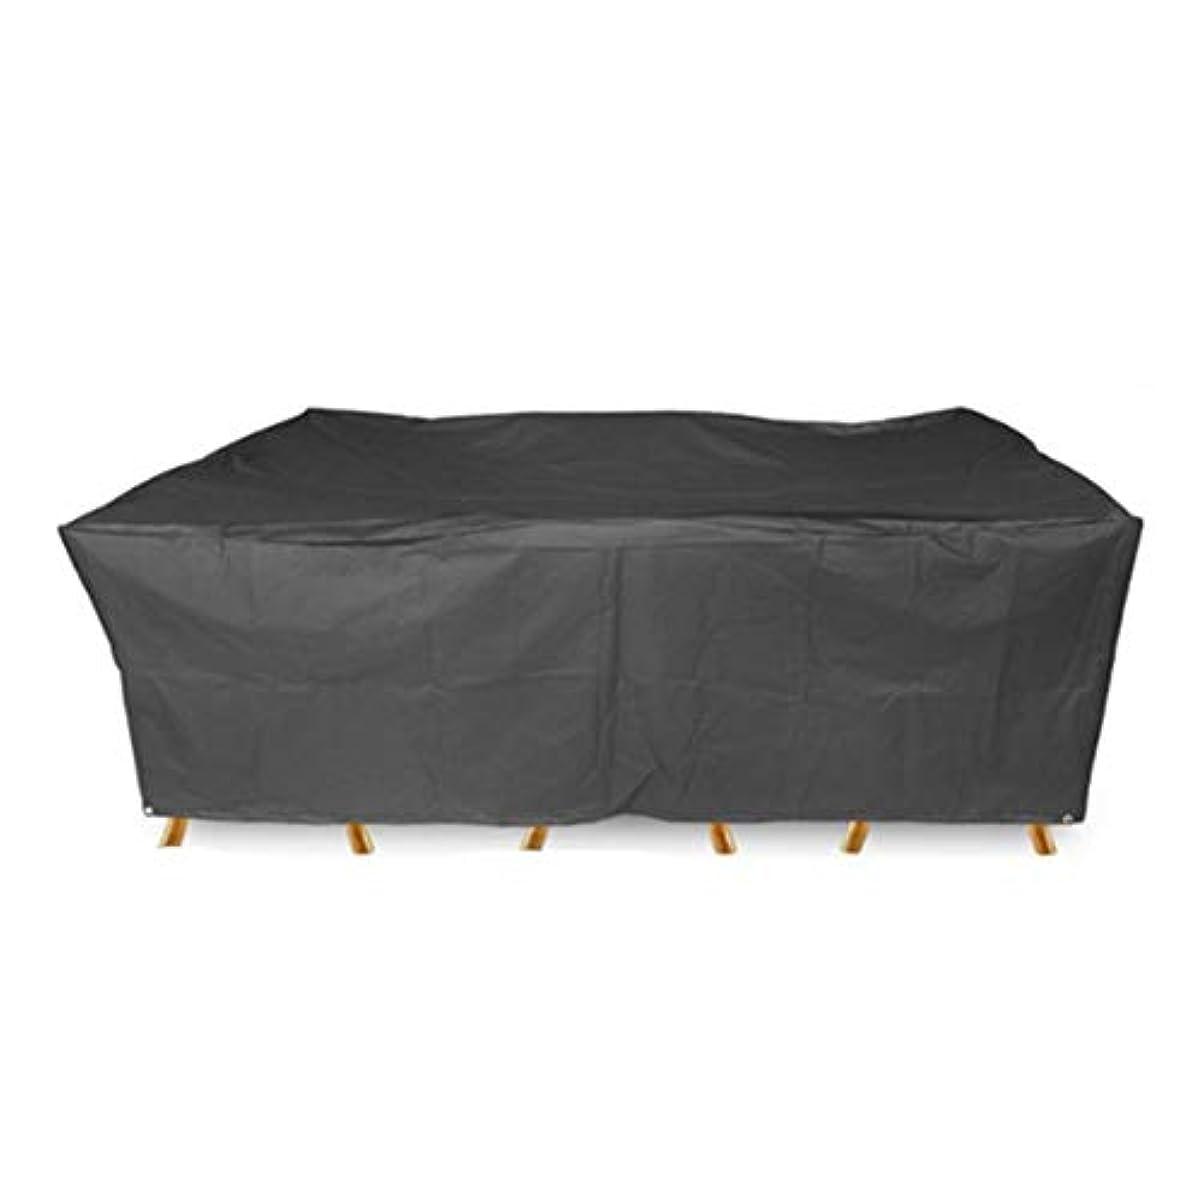 千政治的ホイッスルダストカバー - ガーデン家具セット防塵防水タパリンオックスフォード布屋外バルコニーテーブルと椅子ダストカバーアンチエイジングブラック(マルチサイズ) 分離ダスト (色 : ブラック, サイズ さいず : 270x180x89CM)